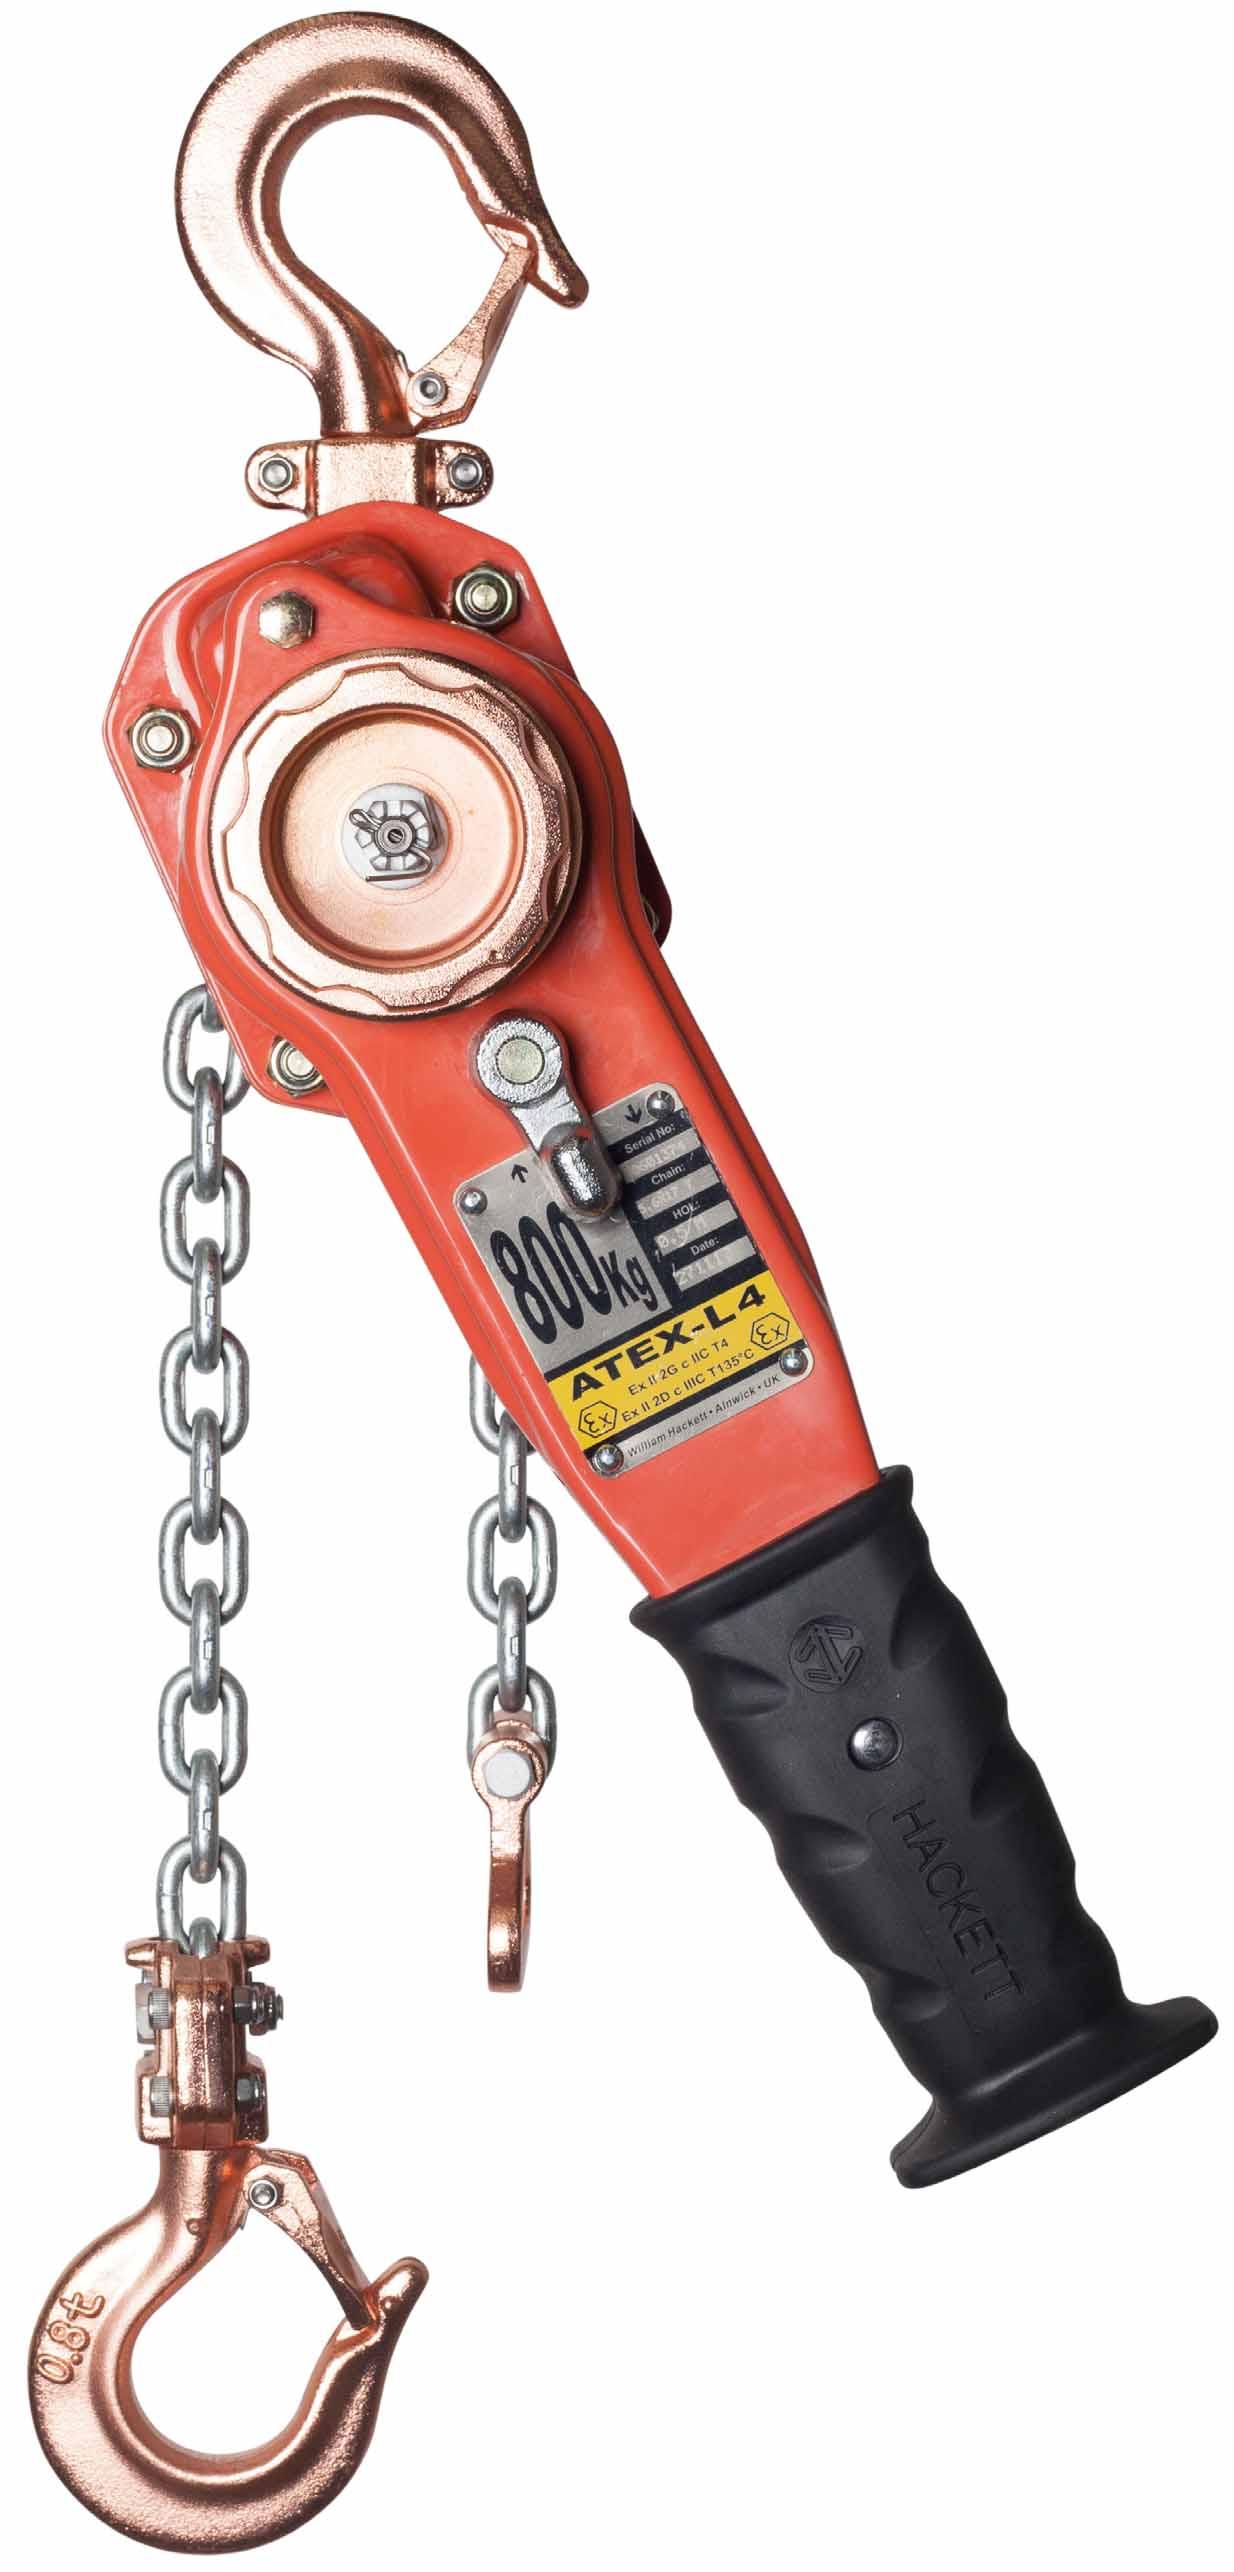 ATEX-L4 Lever Hoist - Manual Hoisting - Lifting & Hoisting - William